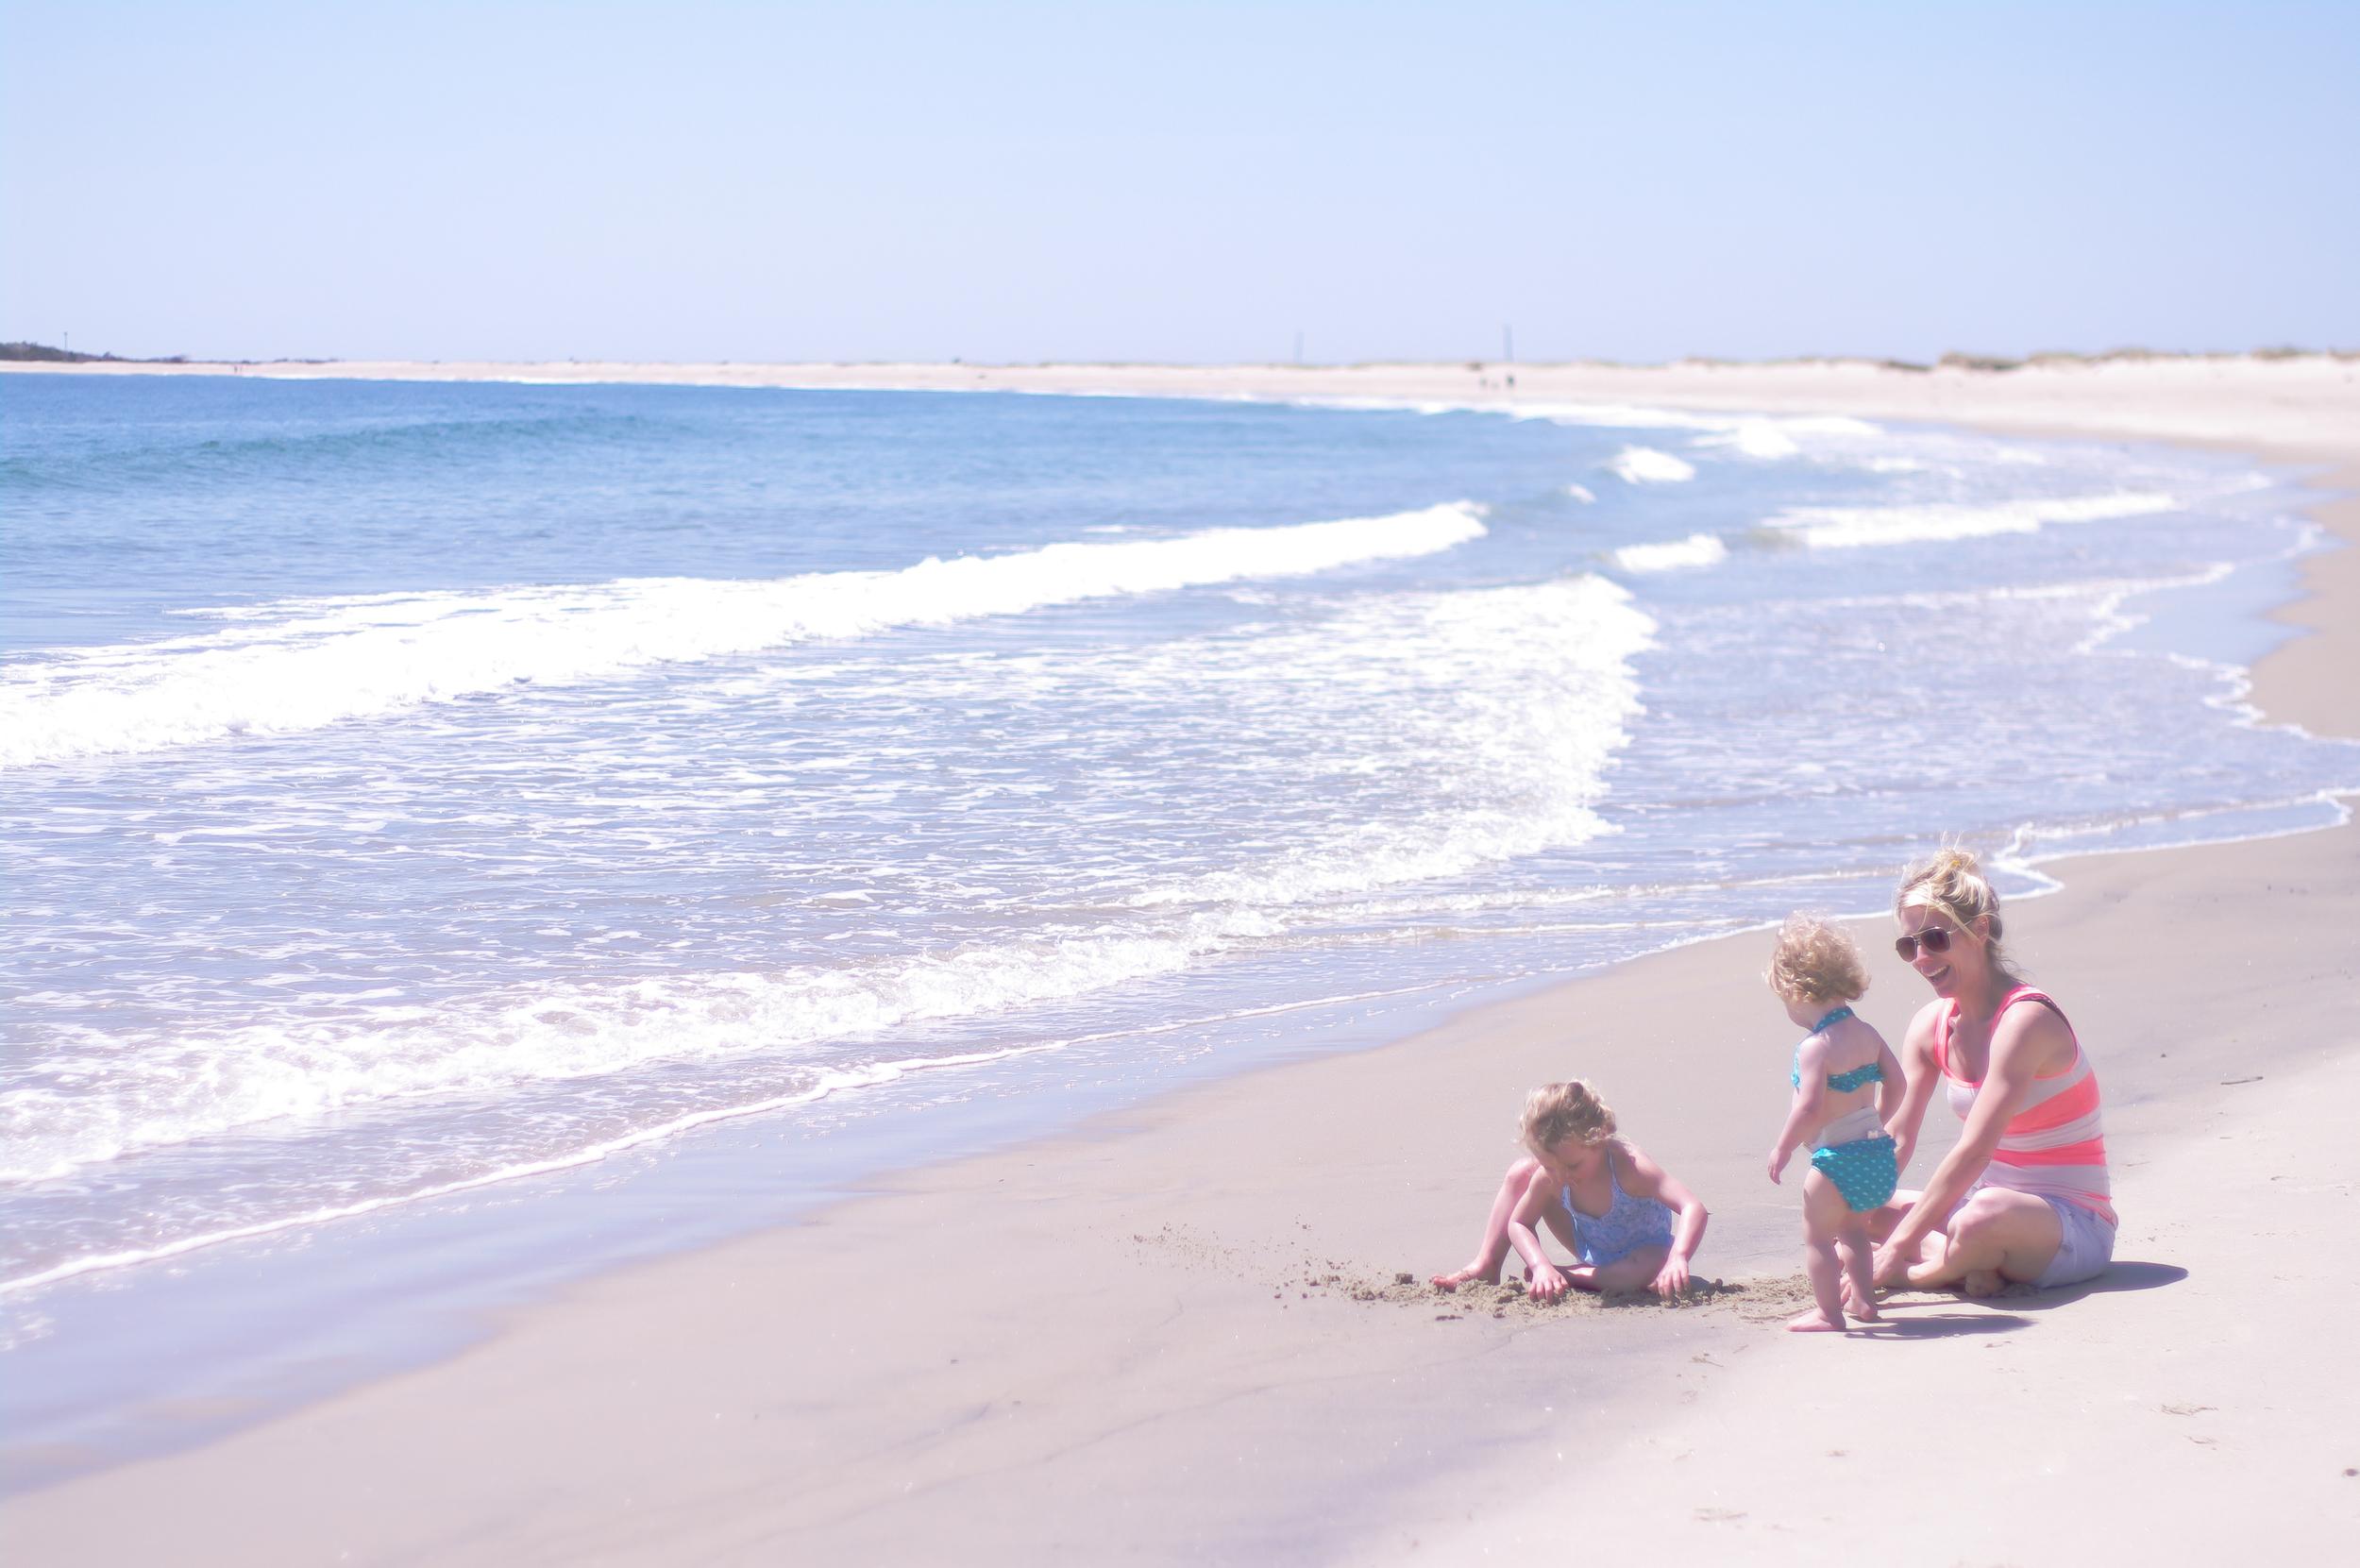 beachday-300dpi-1330